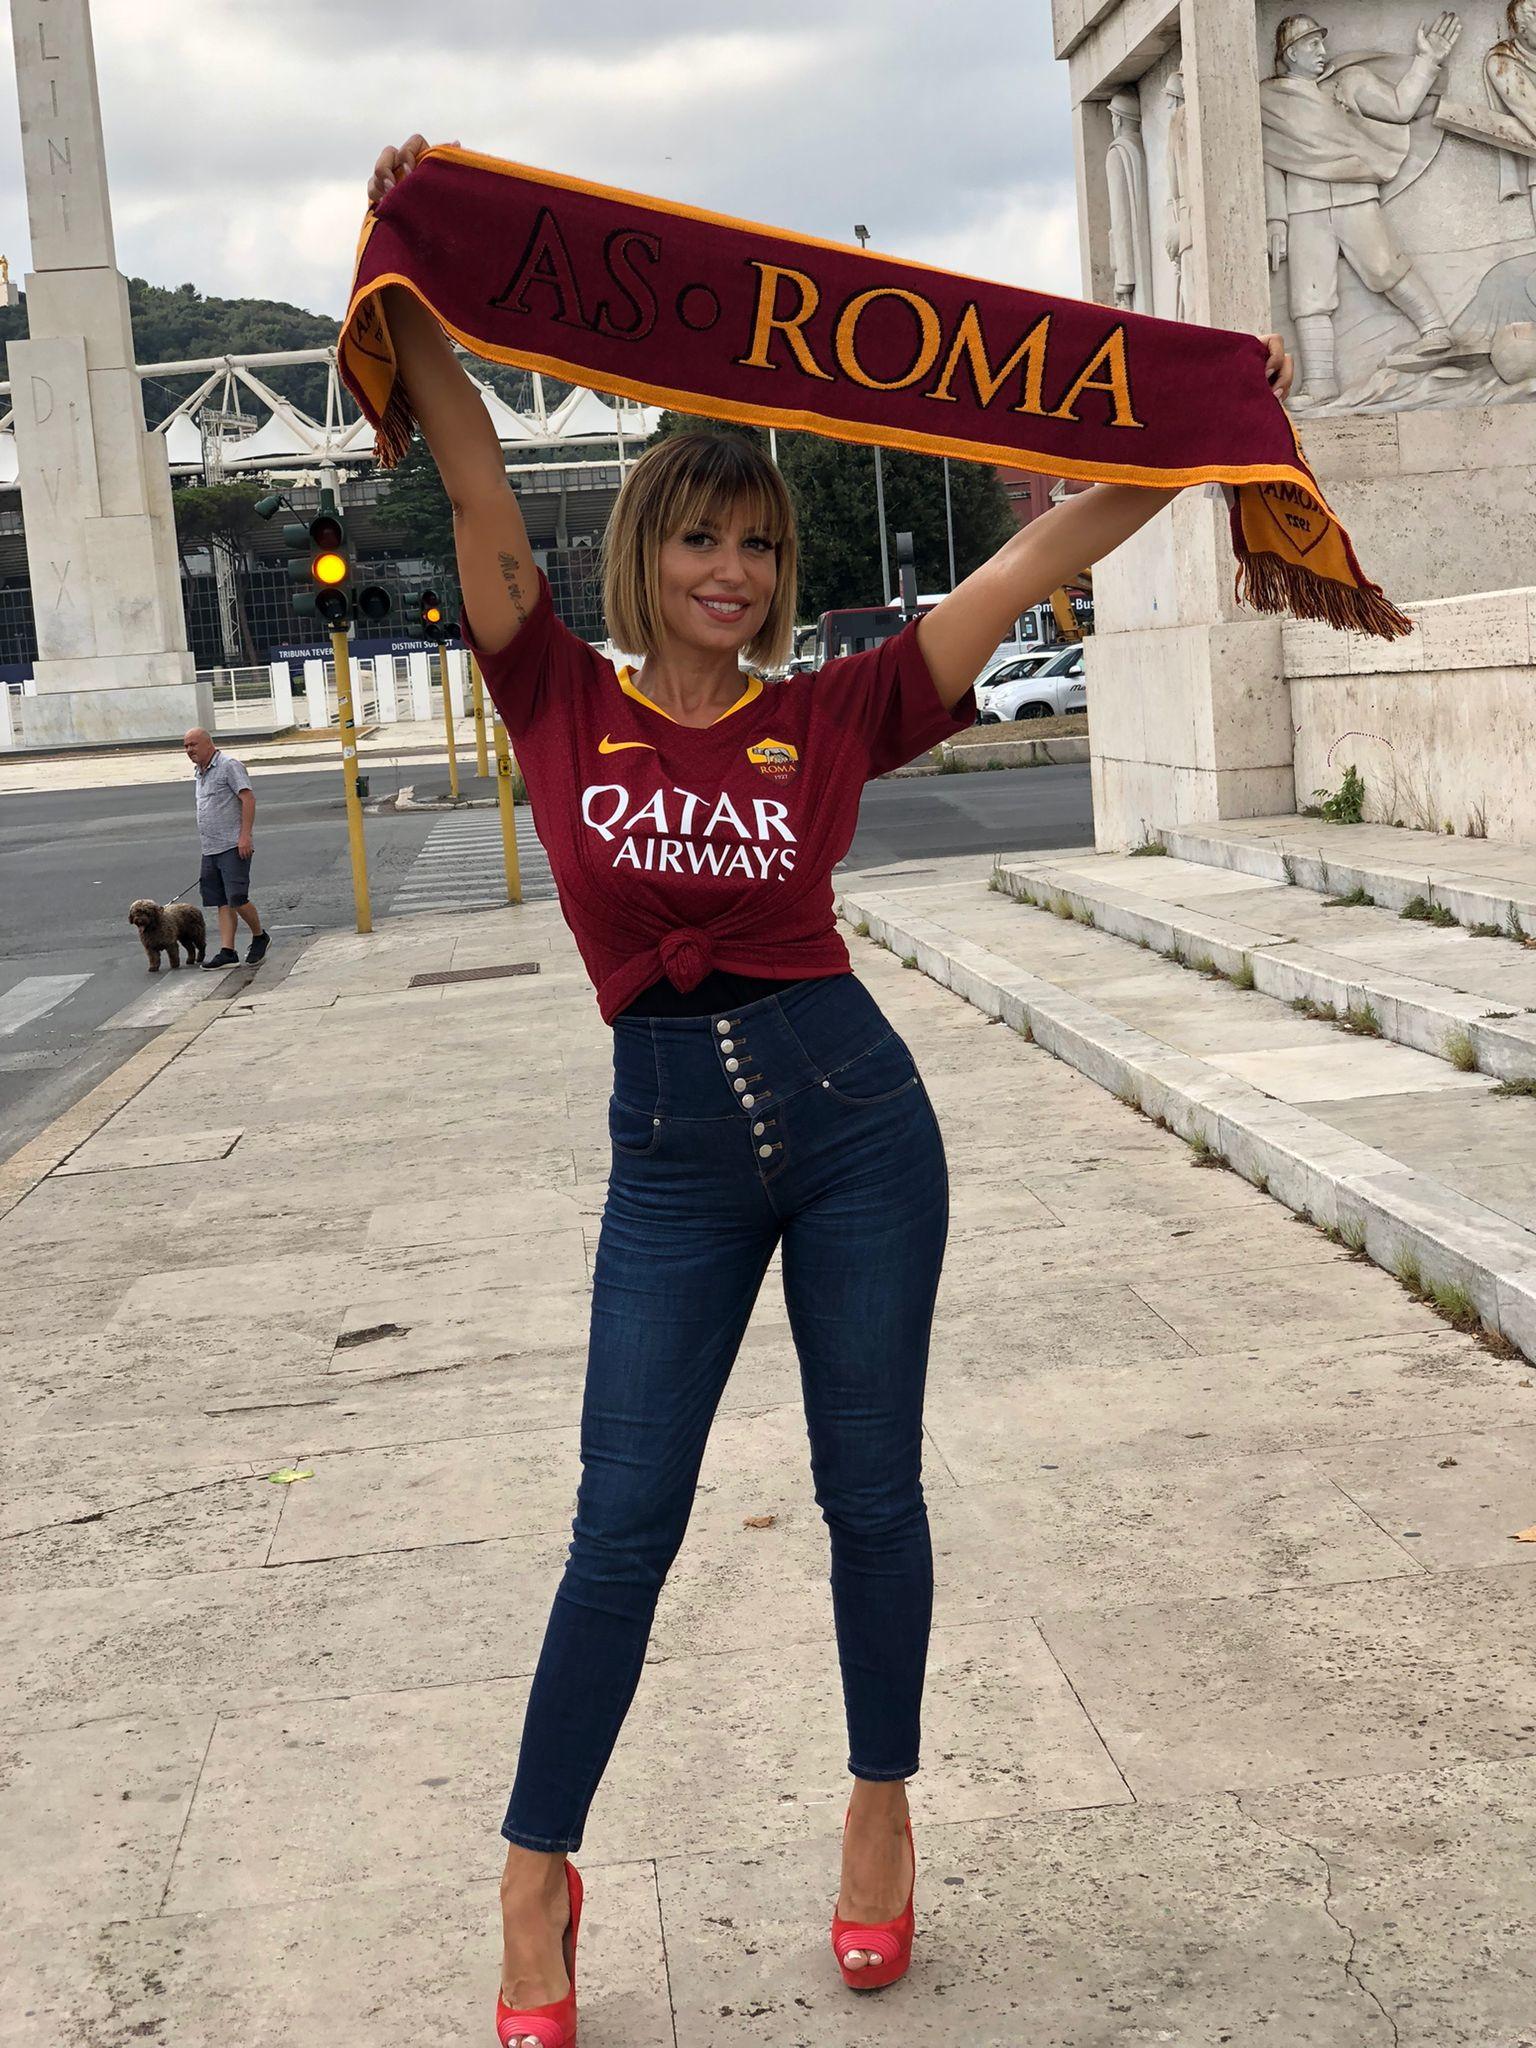 La showgirl e speaker radiofonica, grande tifosa della Roma, scalda il derby di domenica con le sue foto come sempre mozzafiato.<br /><br />